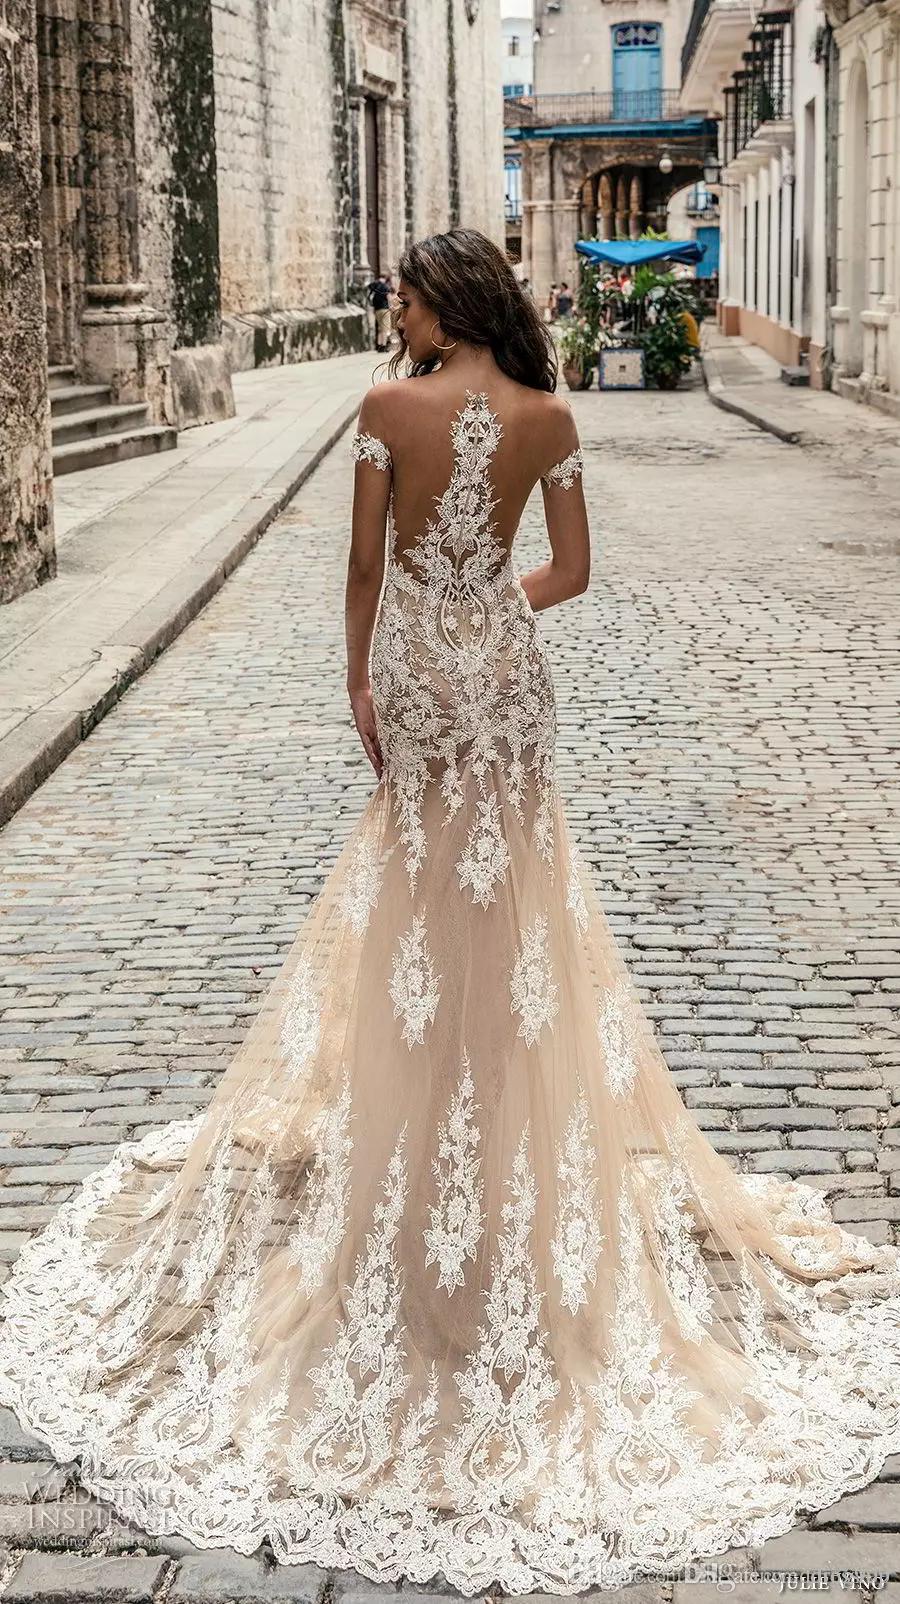 샴페인 줄리 VINo 웨딩 드레스 2020 떨어진 어깨 깊숙이 깊은 냄비 넥 라인 신부 가운 스윕 기차 레이스 웨딩 드레스 맞춤 제작